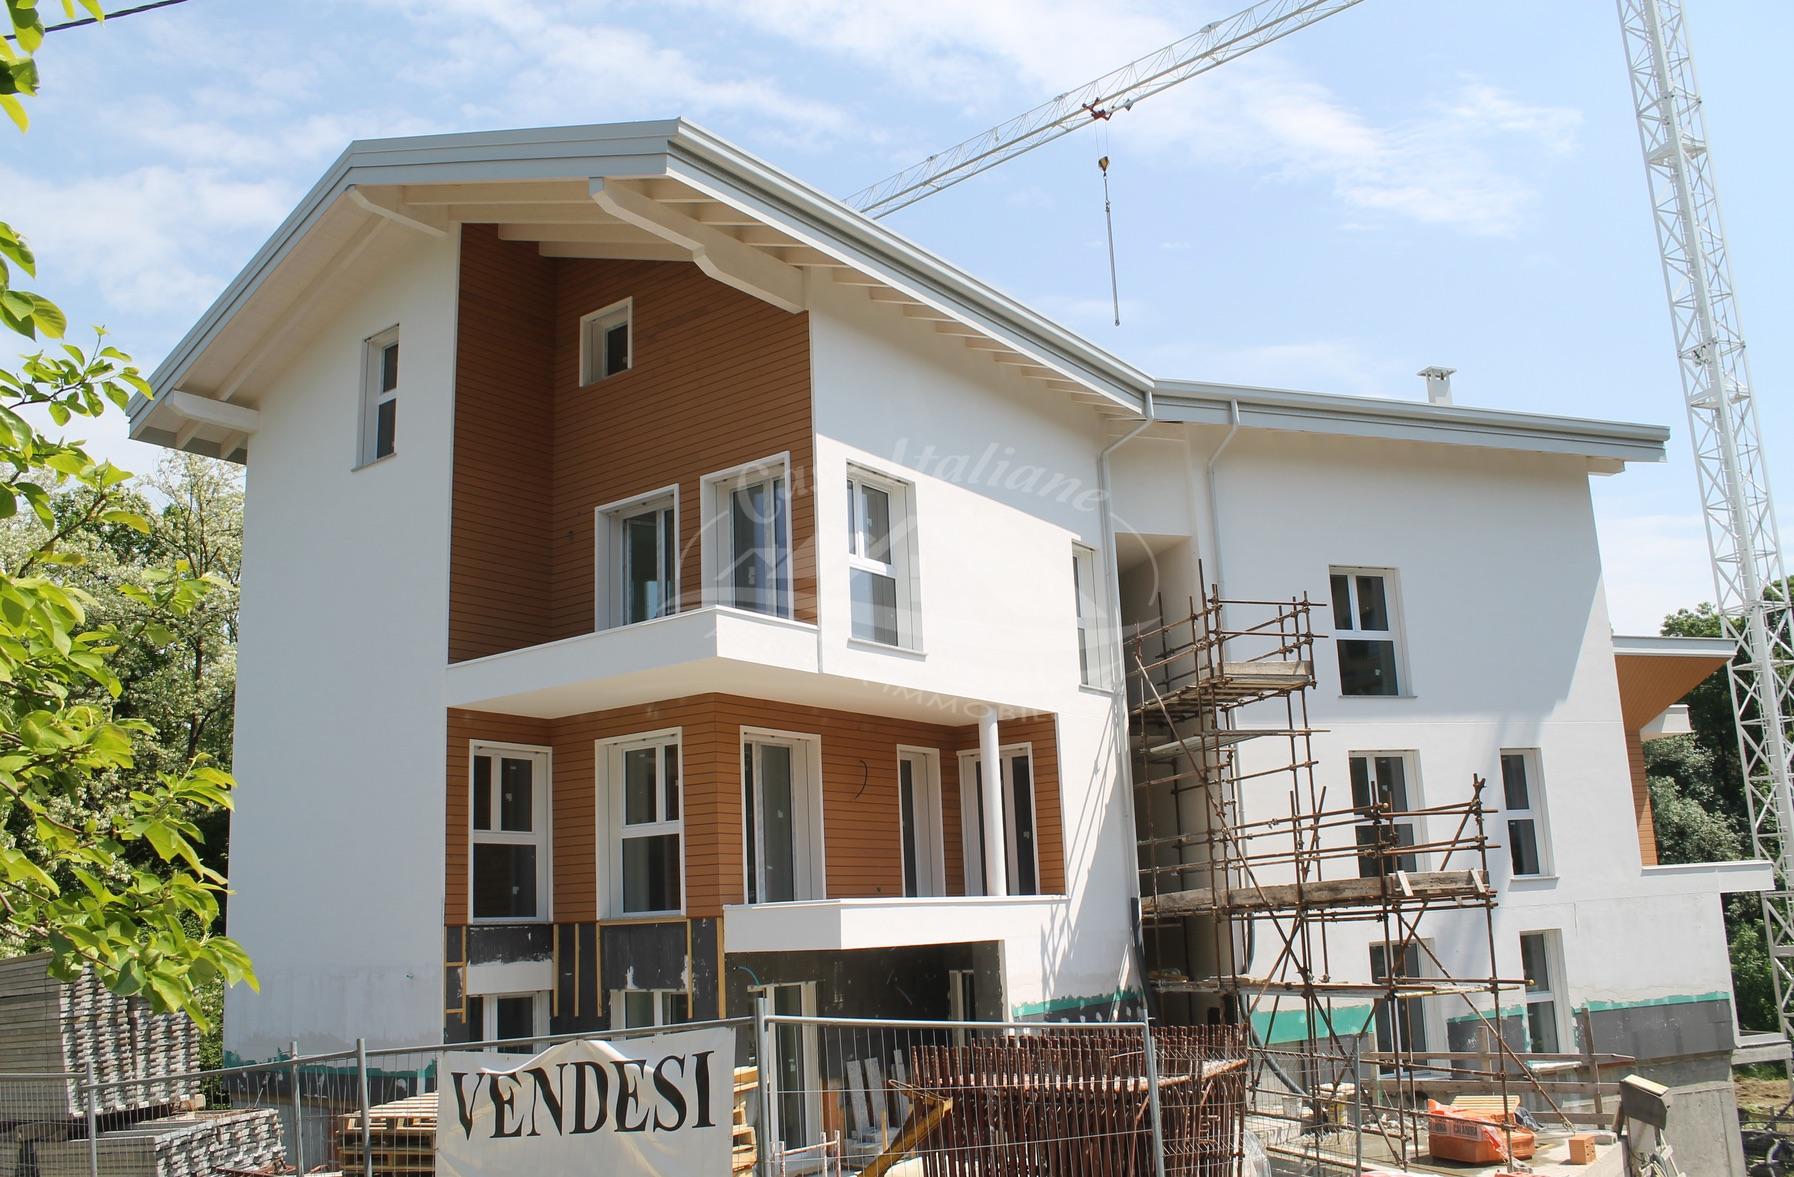 Nuovi appartamenti a Senna Comasco